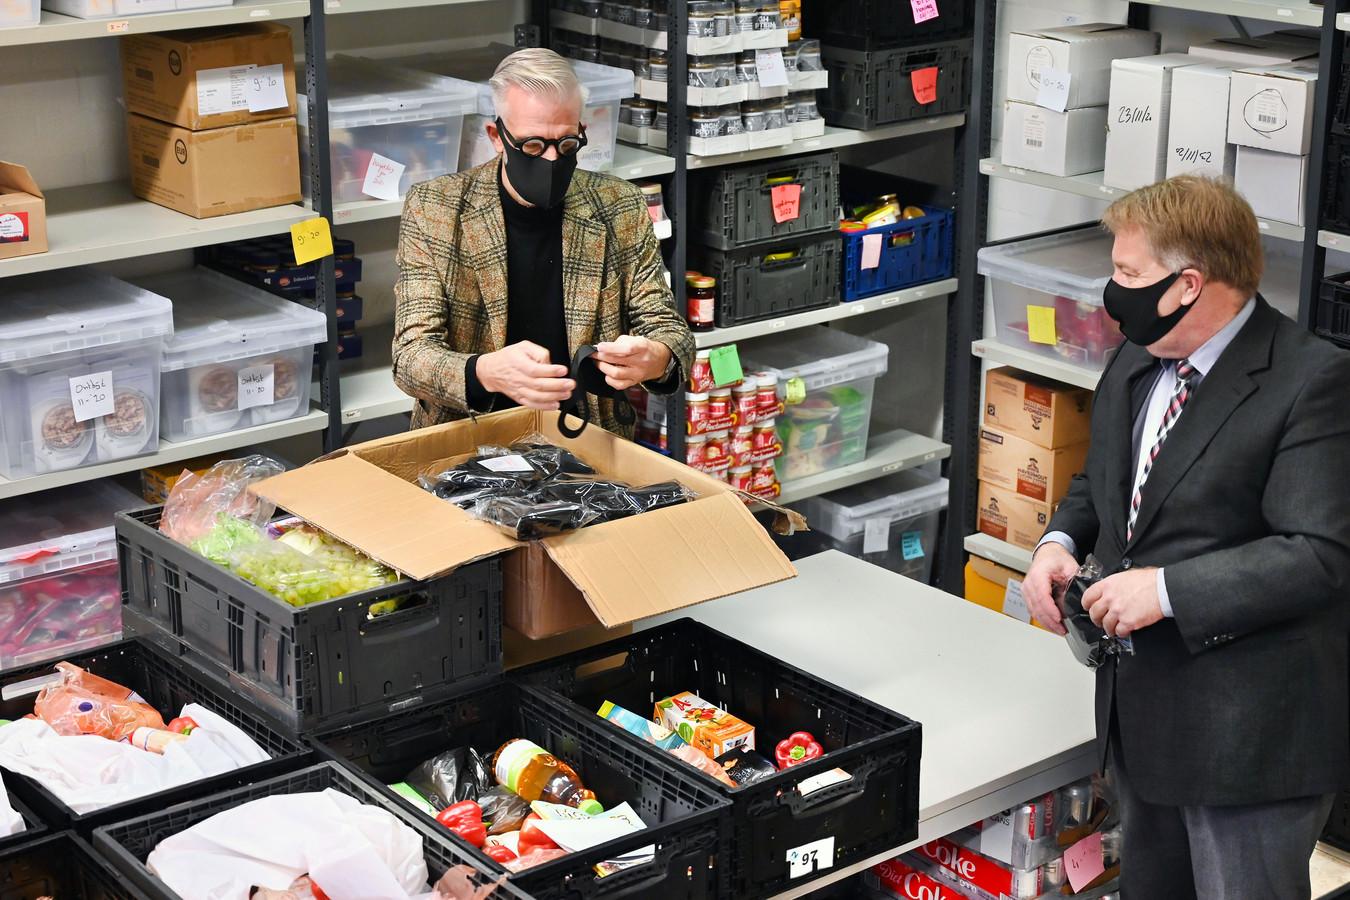 Wethouder Adrie Bragt (rechts) levert namens de gemeenten Zaltbommel en Maasdriel een partij mondkapjes af bij de Voedselbank Bommelerwaard.